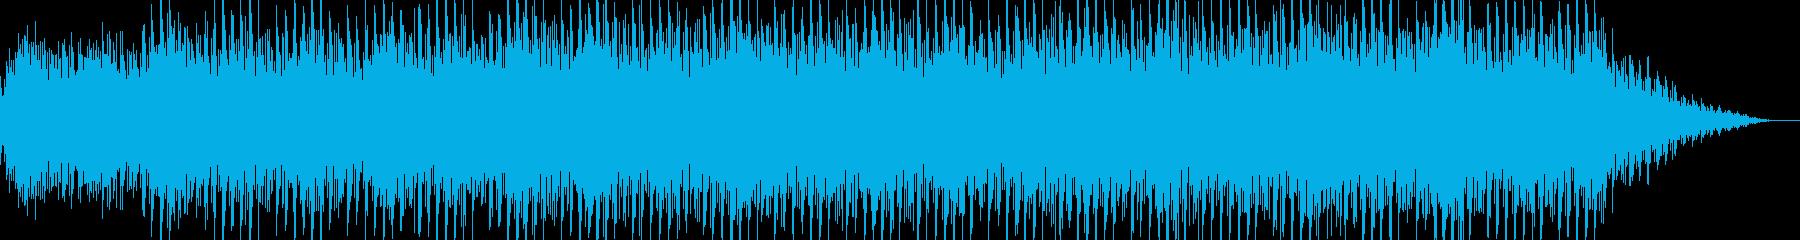 キラキラした感じのシンセのBGM曲です。の再生済みの波形